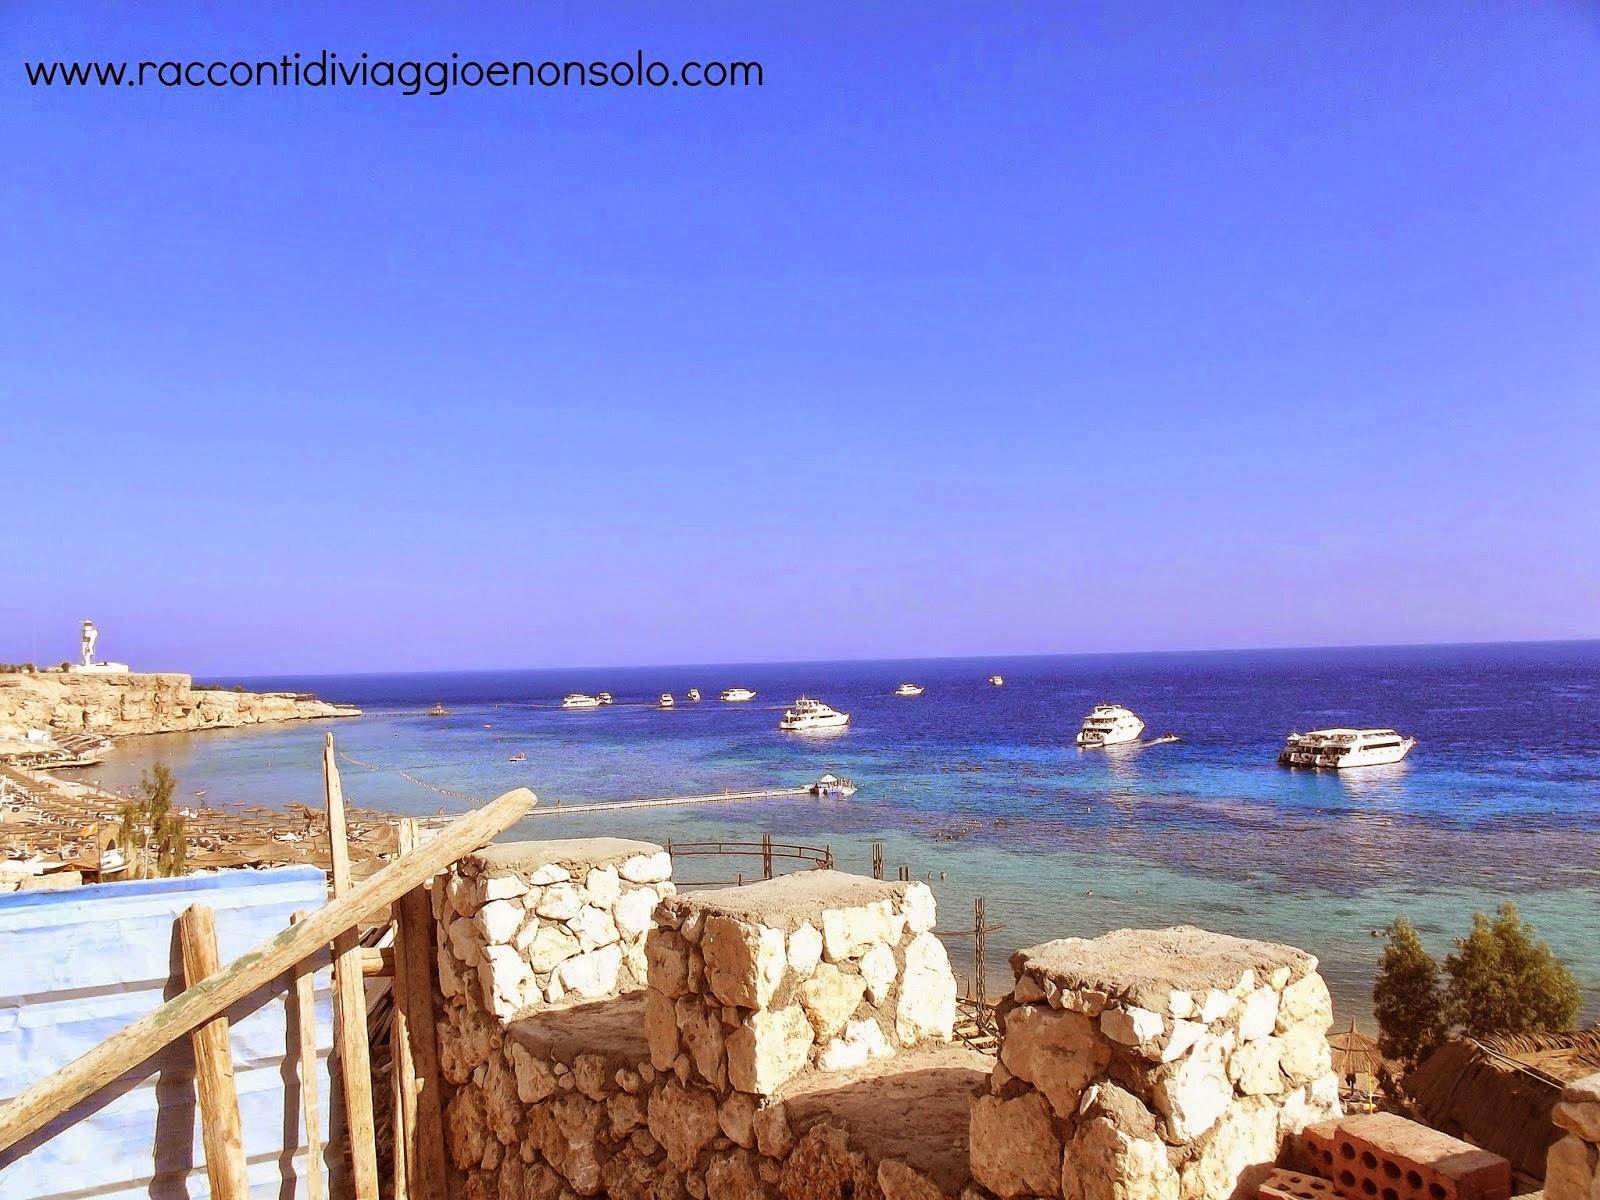 Sharm el Sheik : istruzioni per l\'uso - Viaggi e Vacanze di Racconti ...